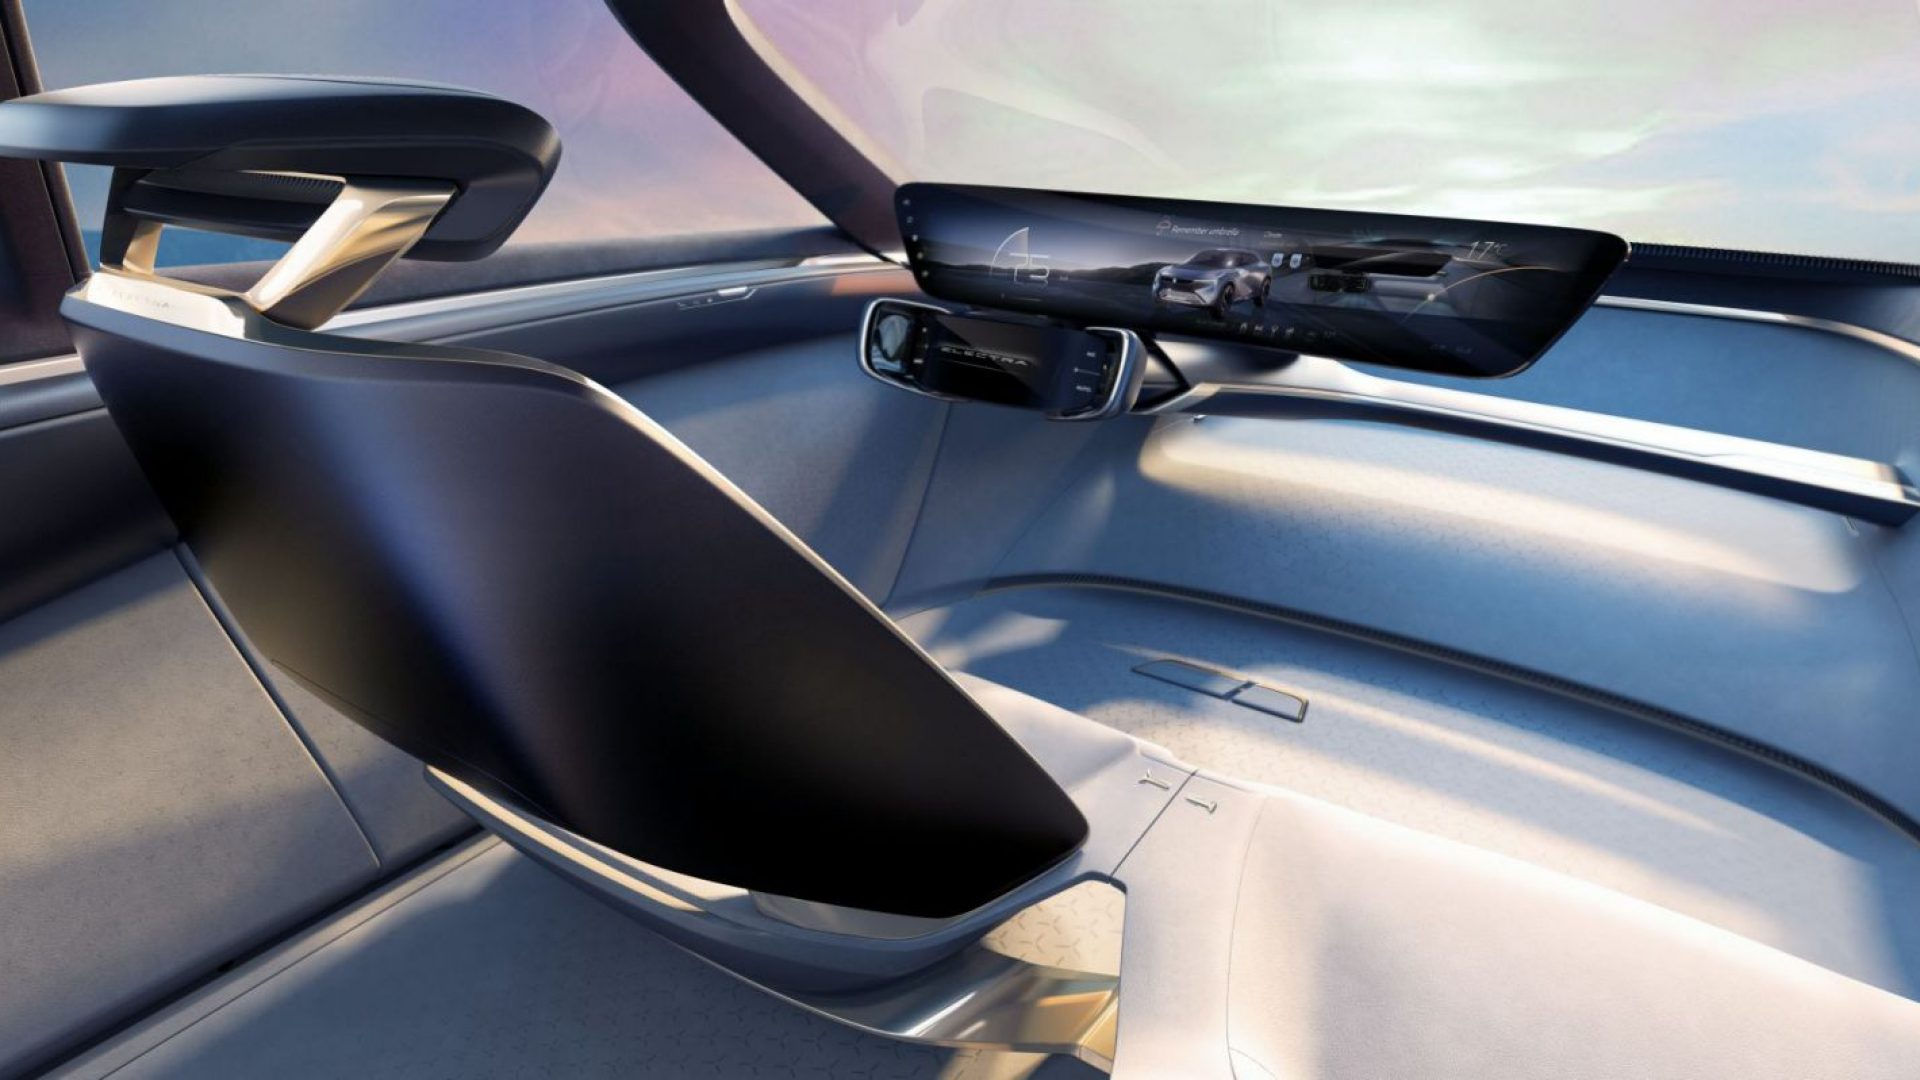 2020-Buick-Electra-Concept-Interior-03